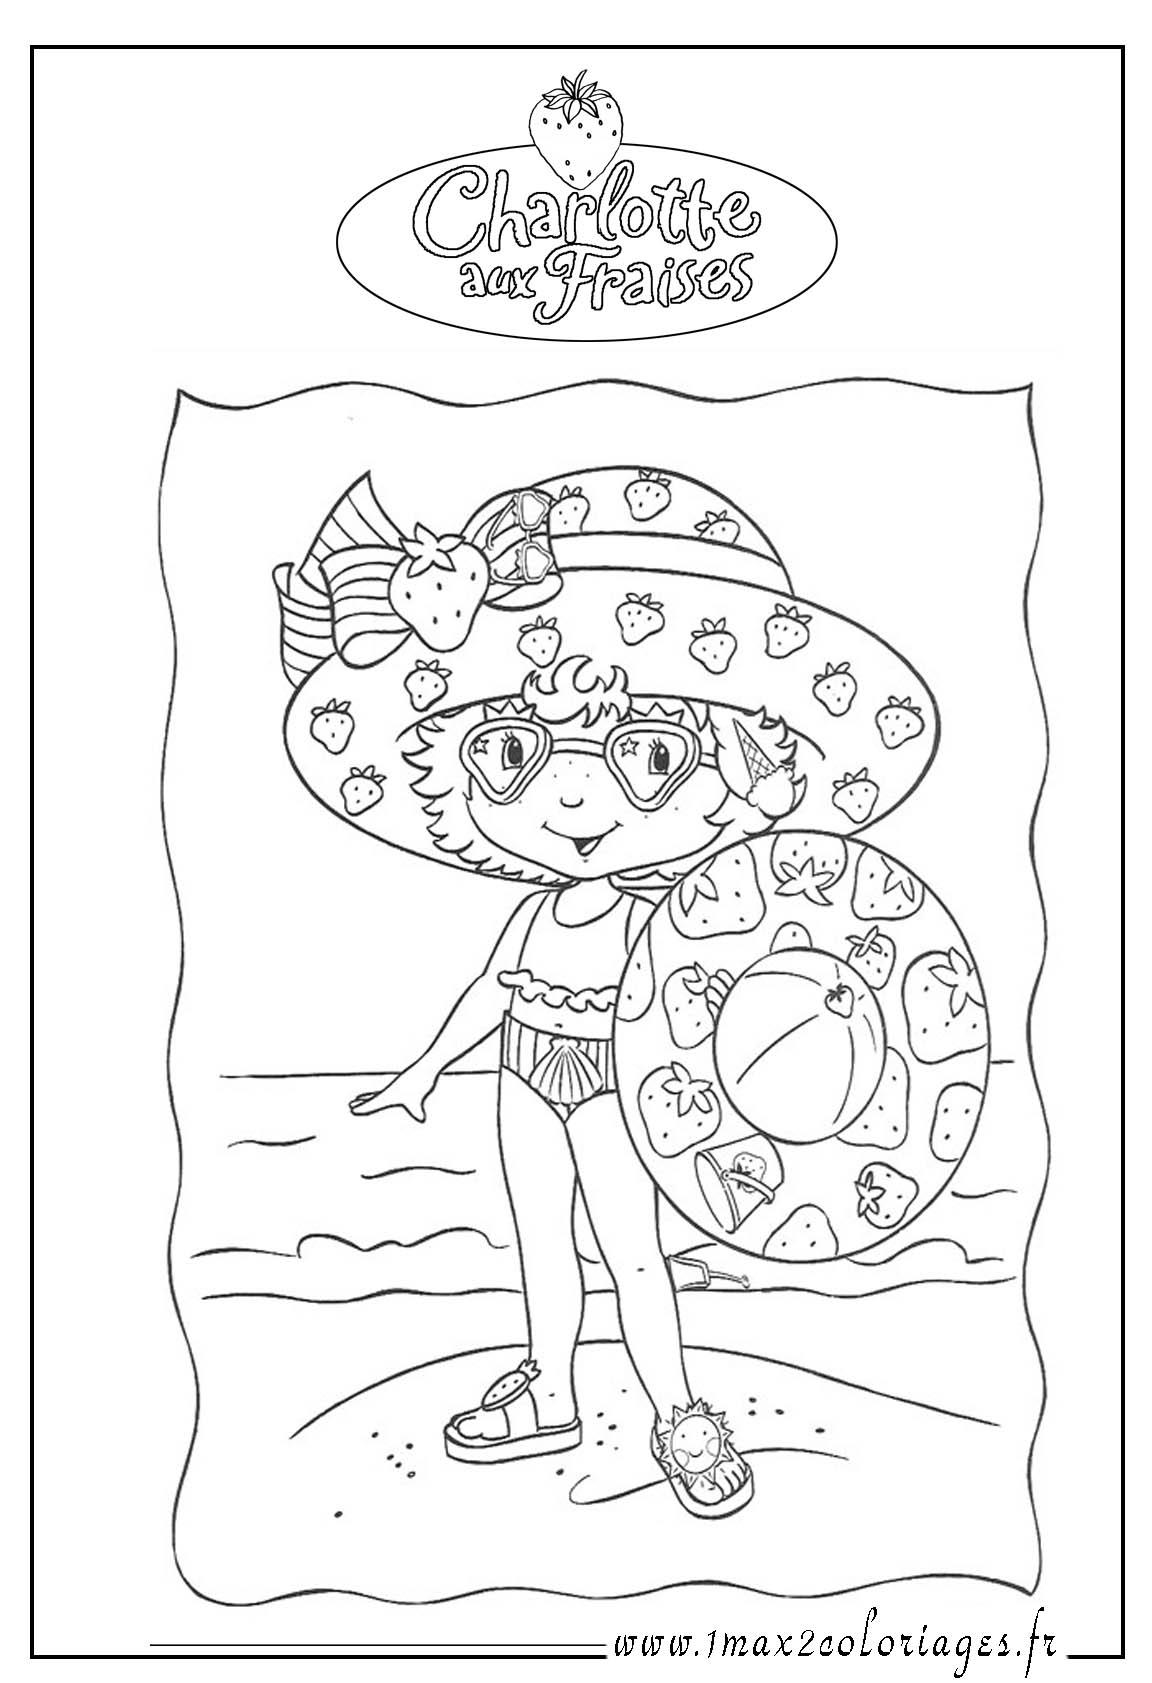 Coloriage charlotte aux fraises gratuit - dessin a imprimer #231